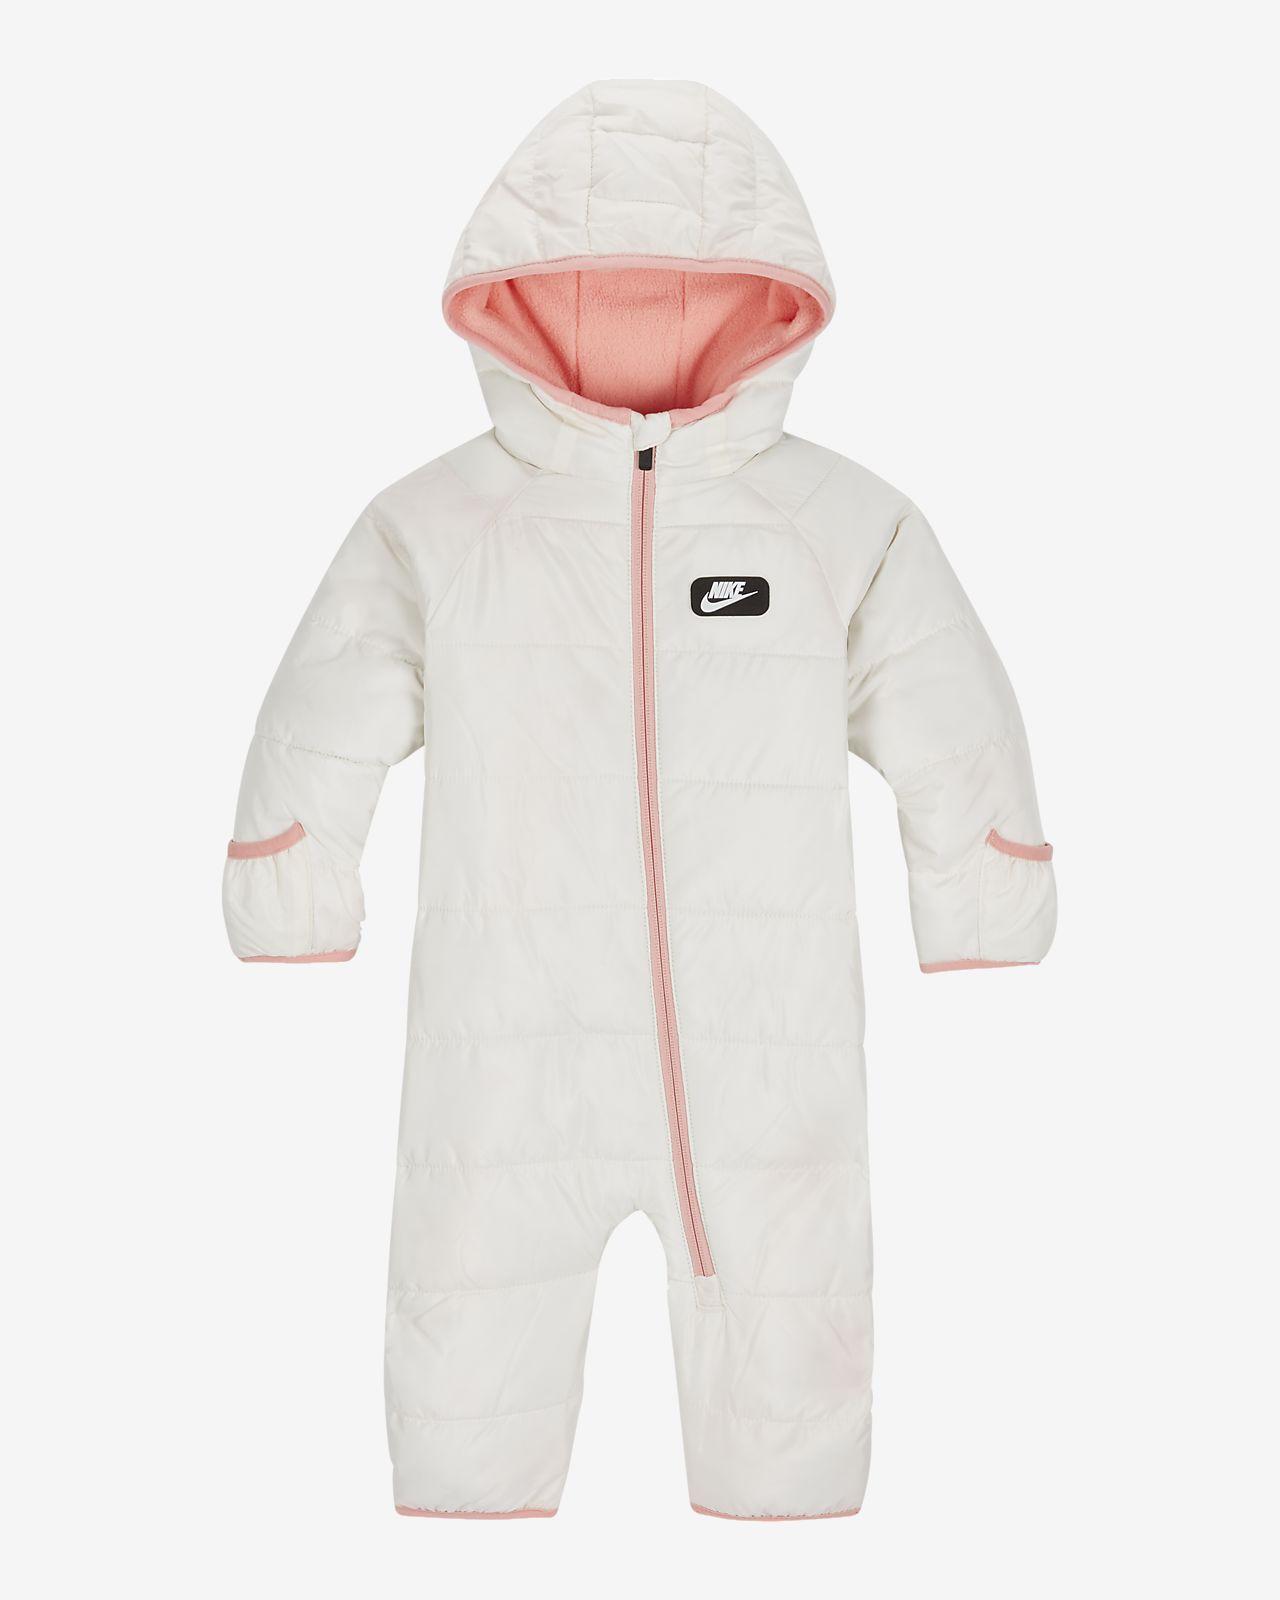 Nike Sportswear Baby (12-24M) Puffer Snowsuit